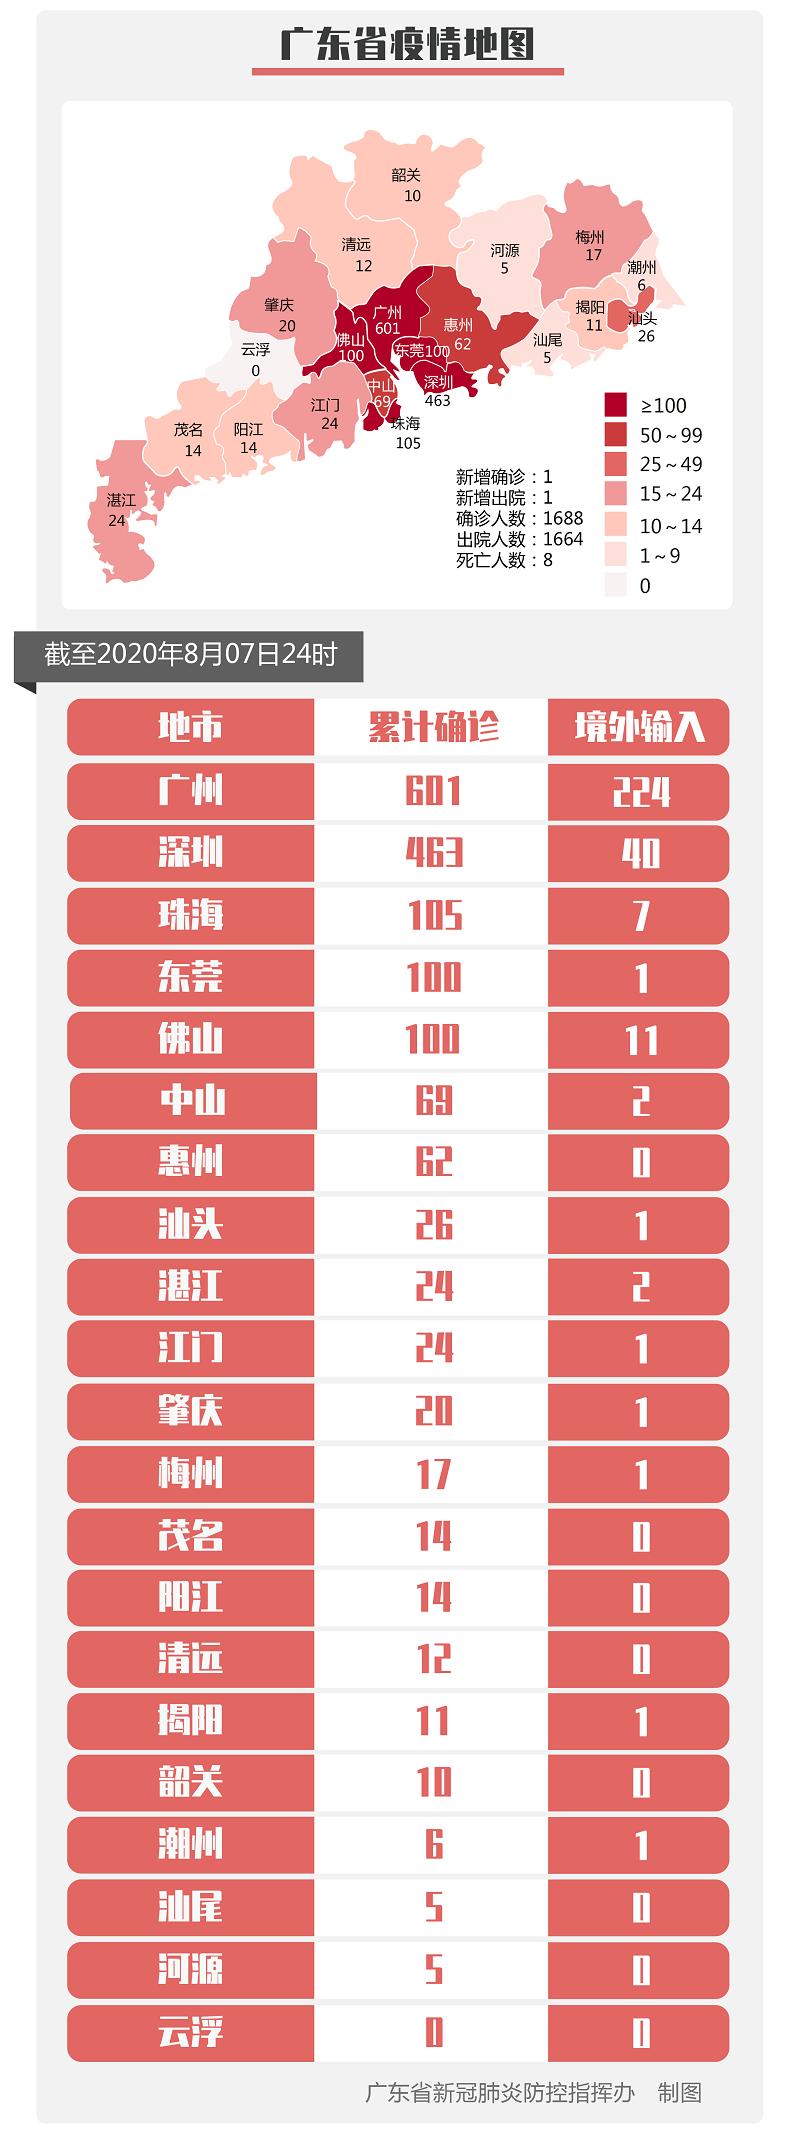 7日广东新增境外输入确诊病例1例和境外输入无症状感染者2例